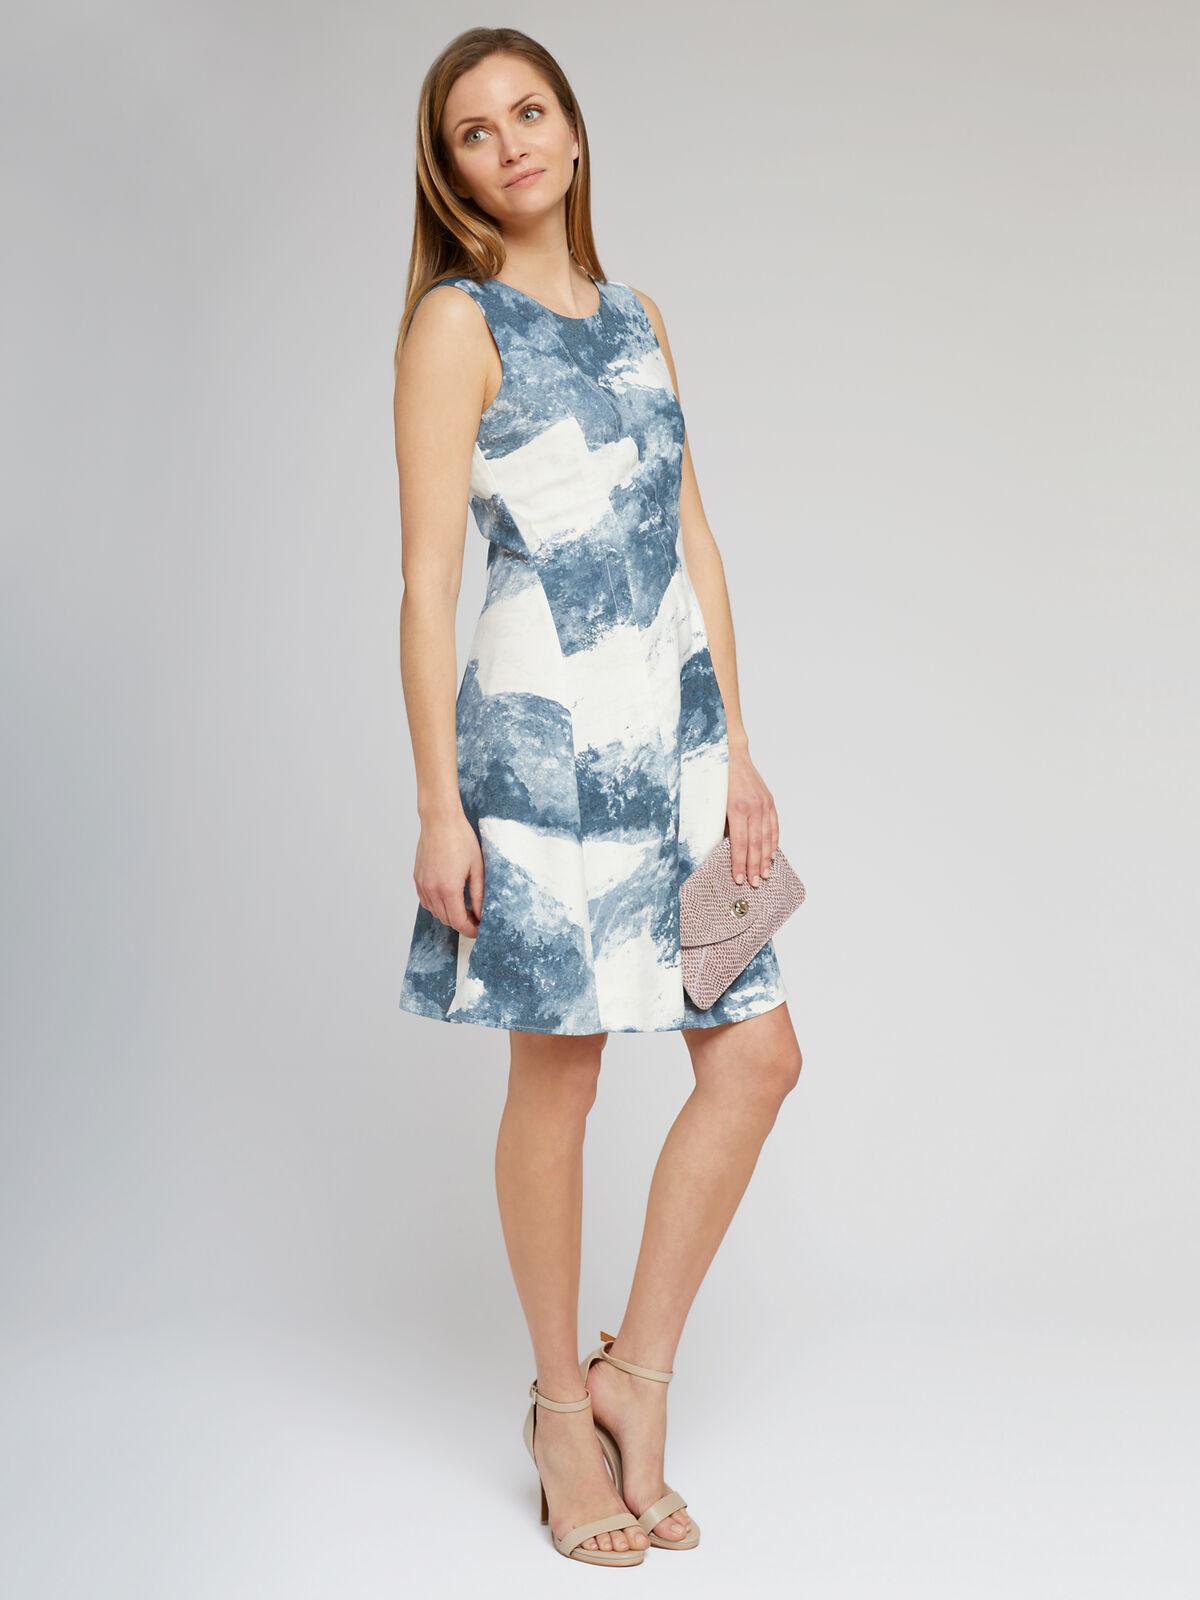 Seaside Dress